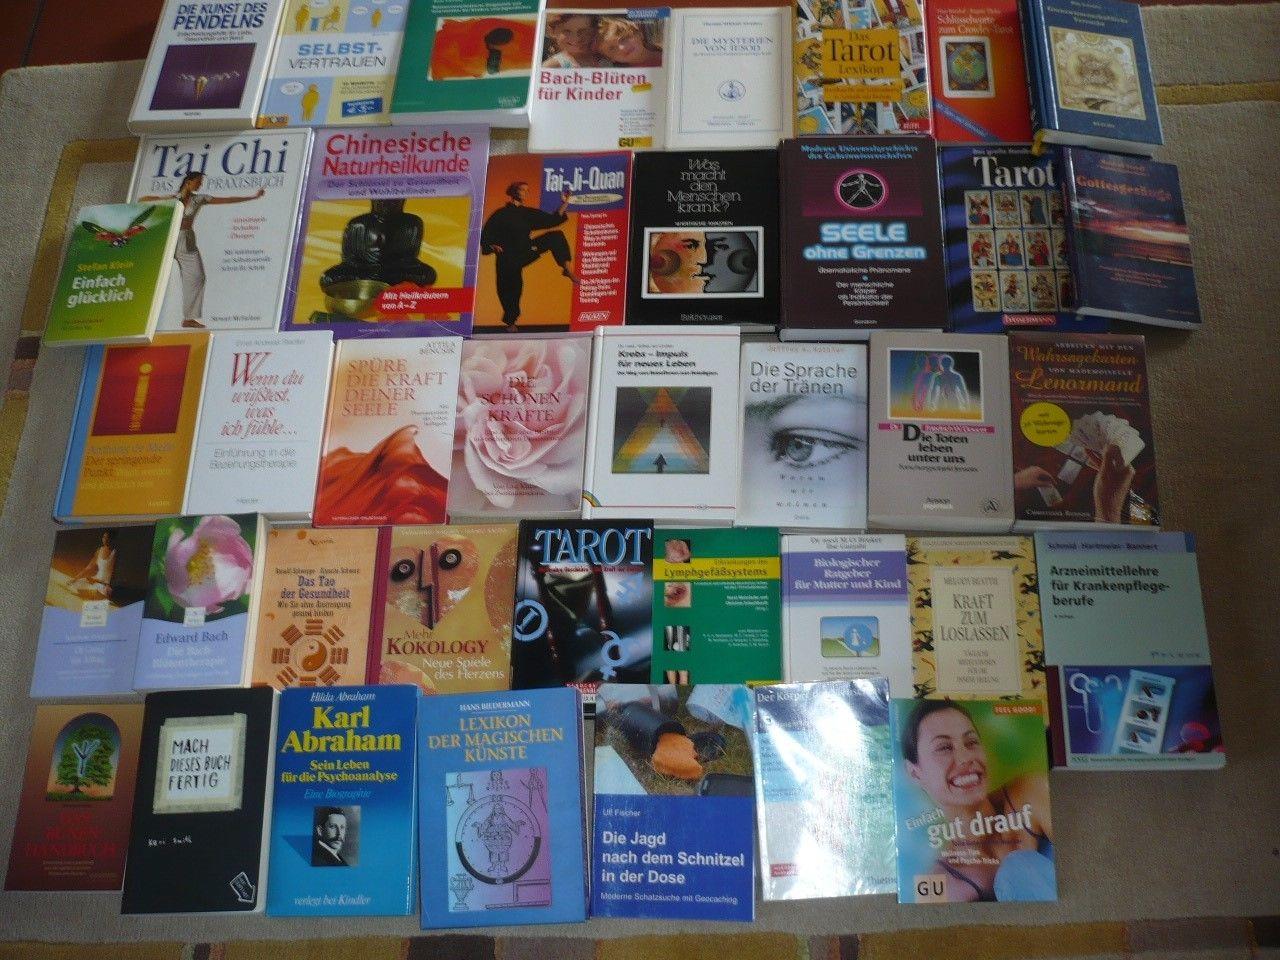 Bücherpaket 40 Stück Esoterik, Tai Chi, Tarot,  Gesundheitsratgeber, Wahrsagen